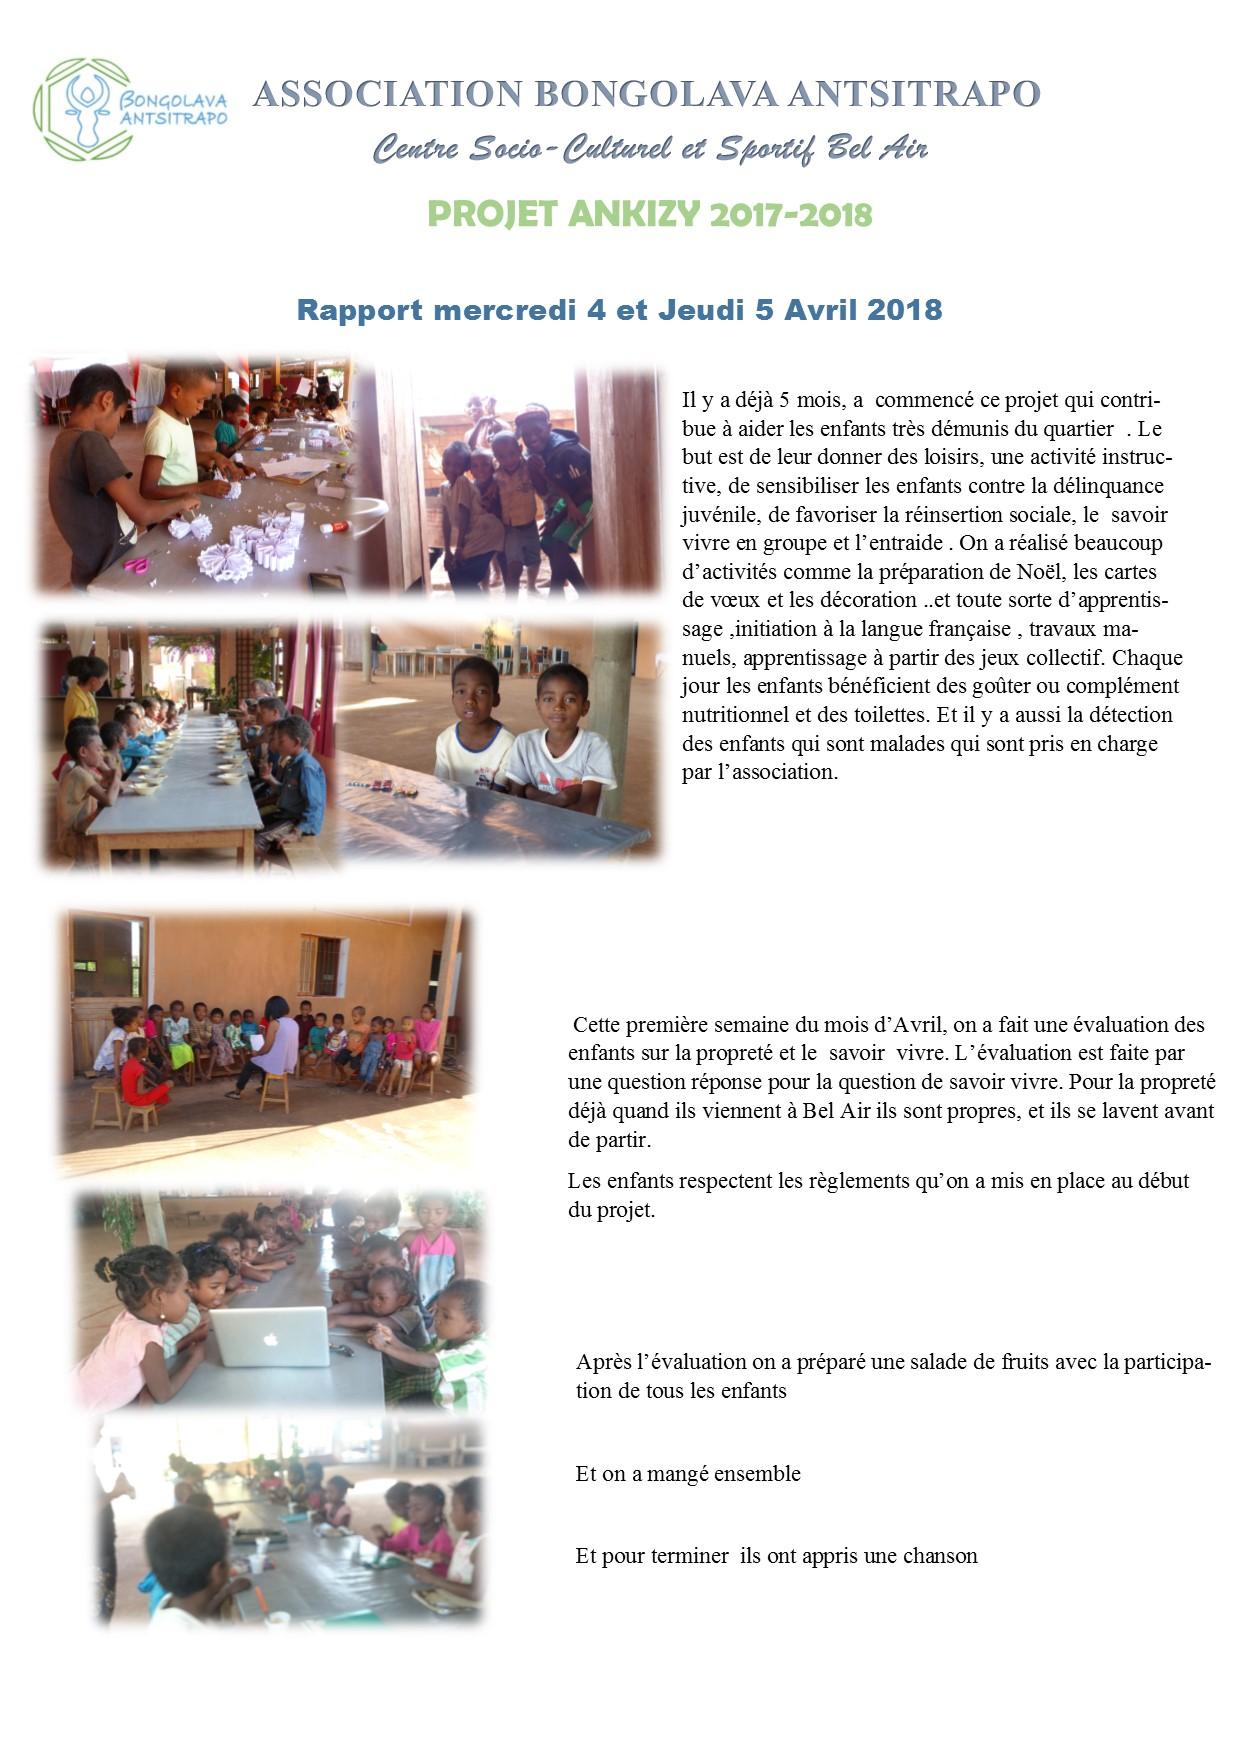 rapport projet ankizy le 0405-04-2018.jpg